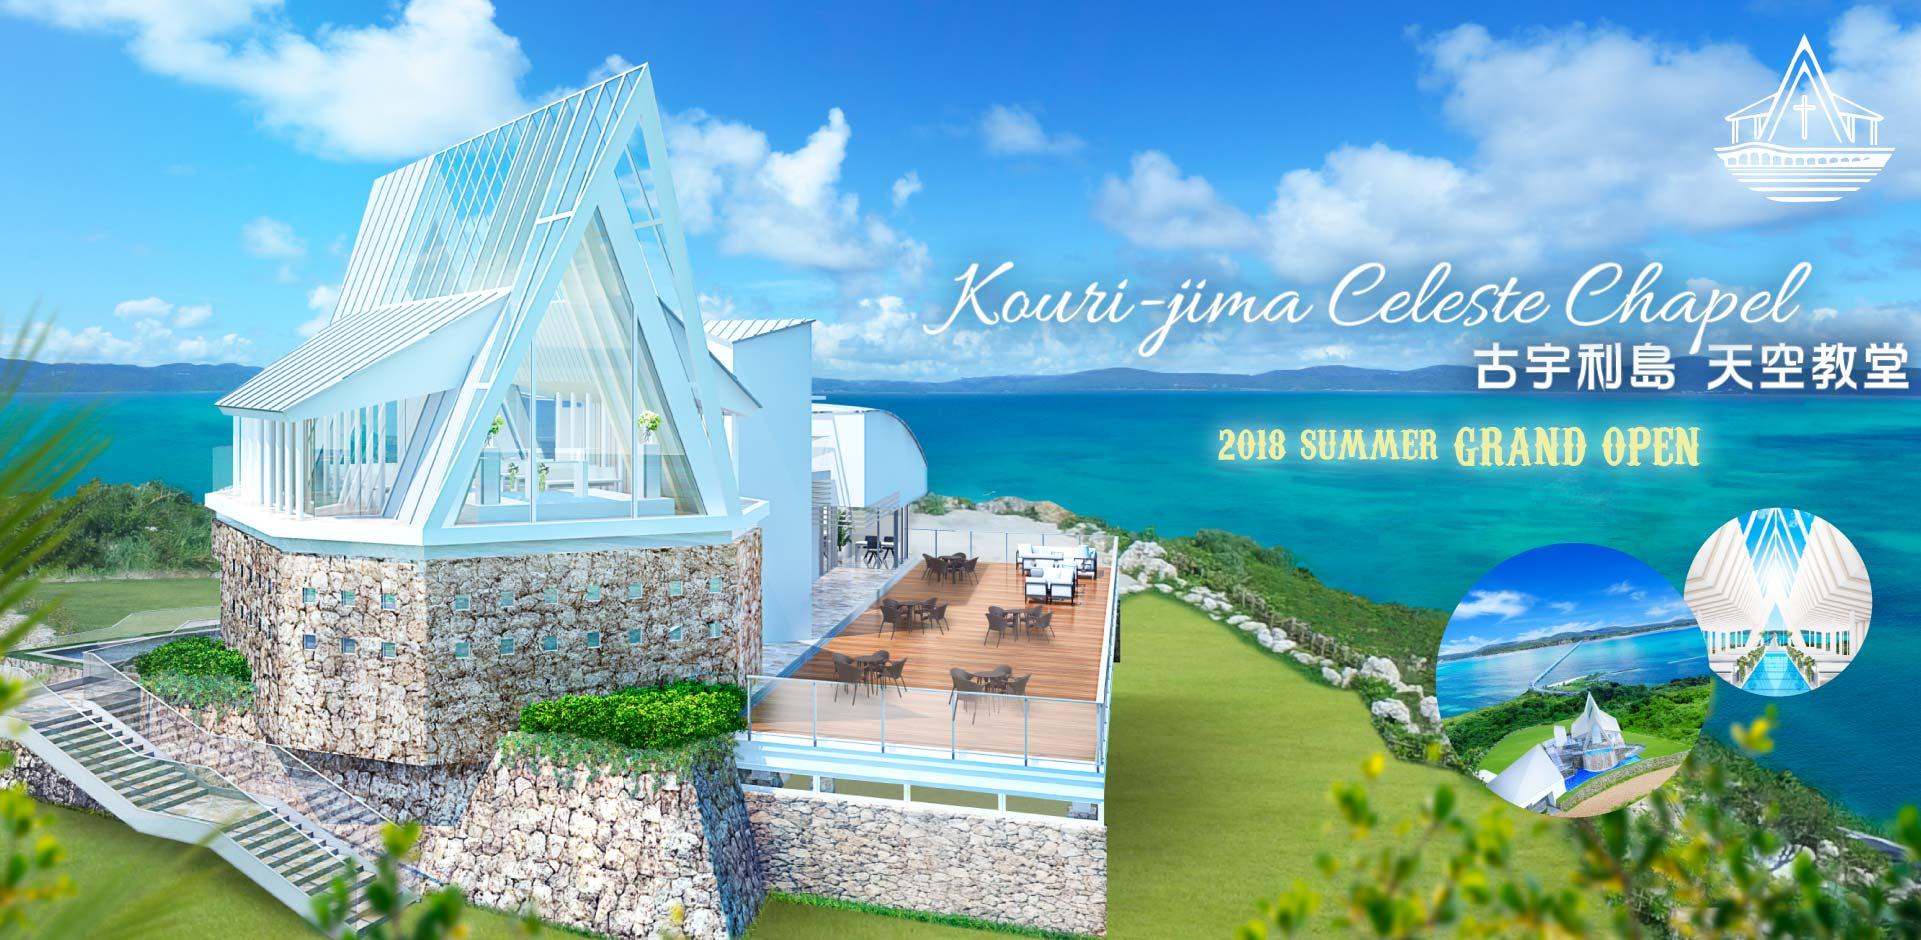 沖繩教堂 教堂婚禮 Watabe 海外婚禮 海外婚紗攝影